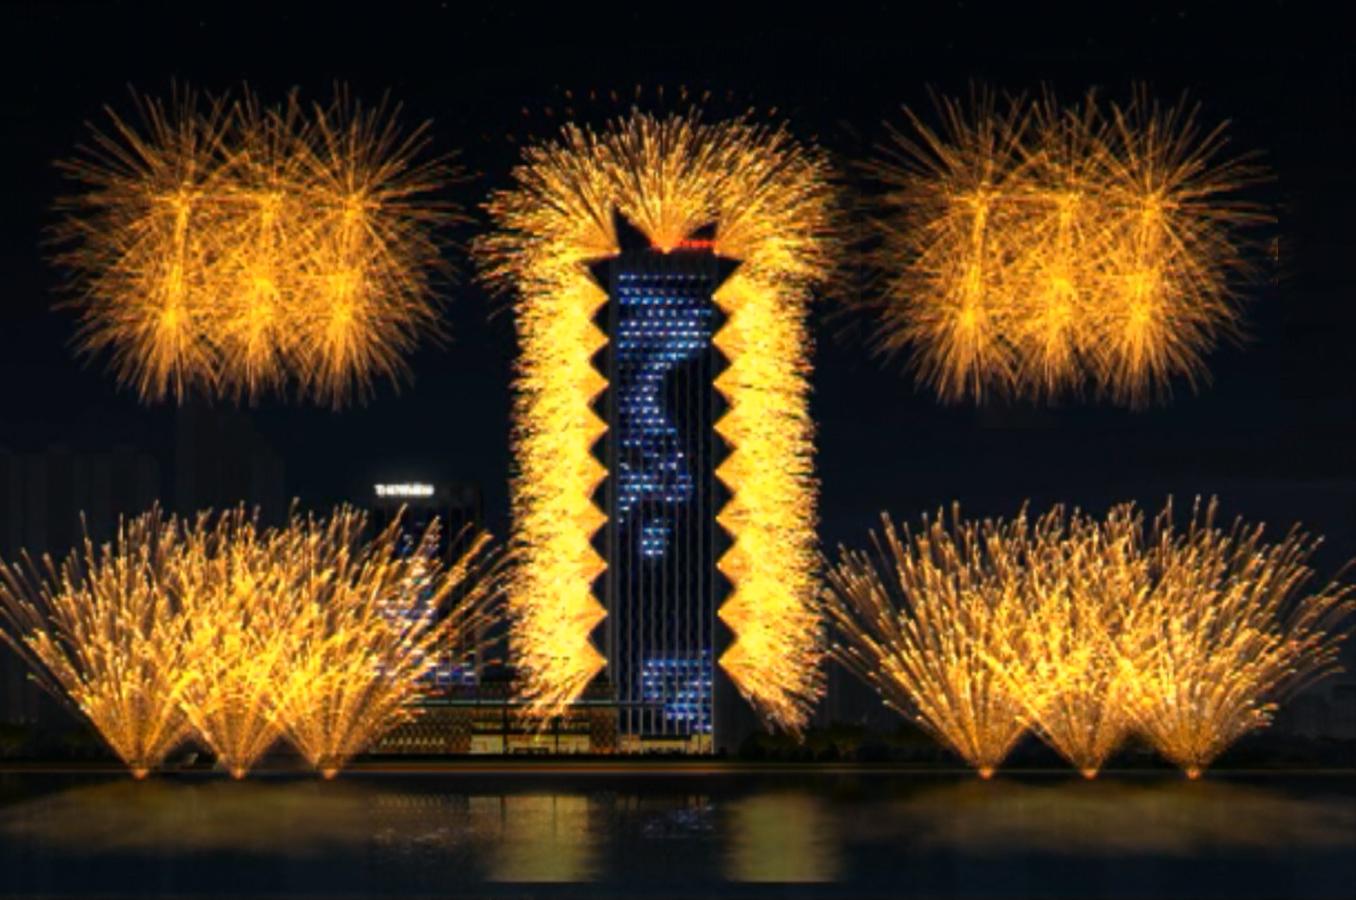 武汉万达灯光烟火秀是每个新年的重要公共活动